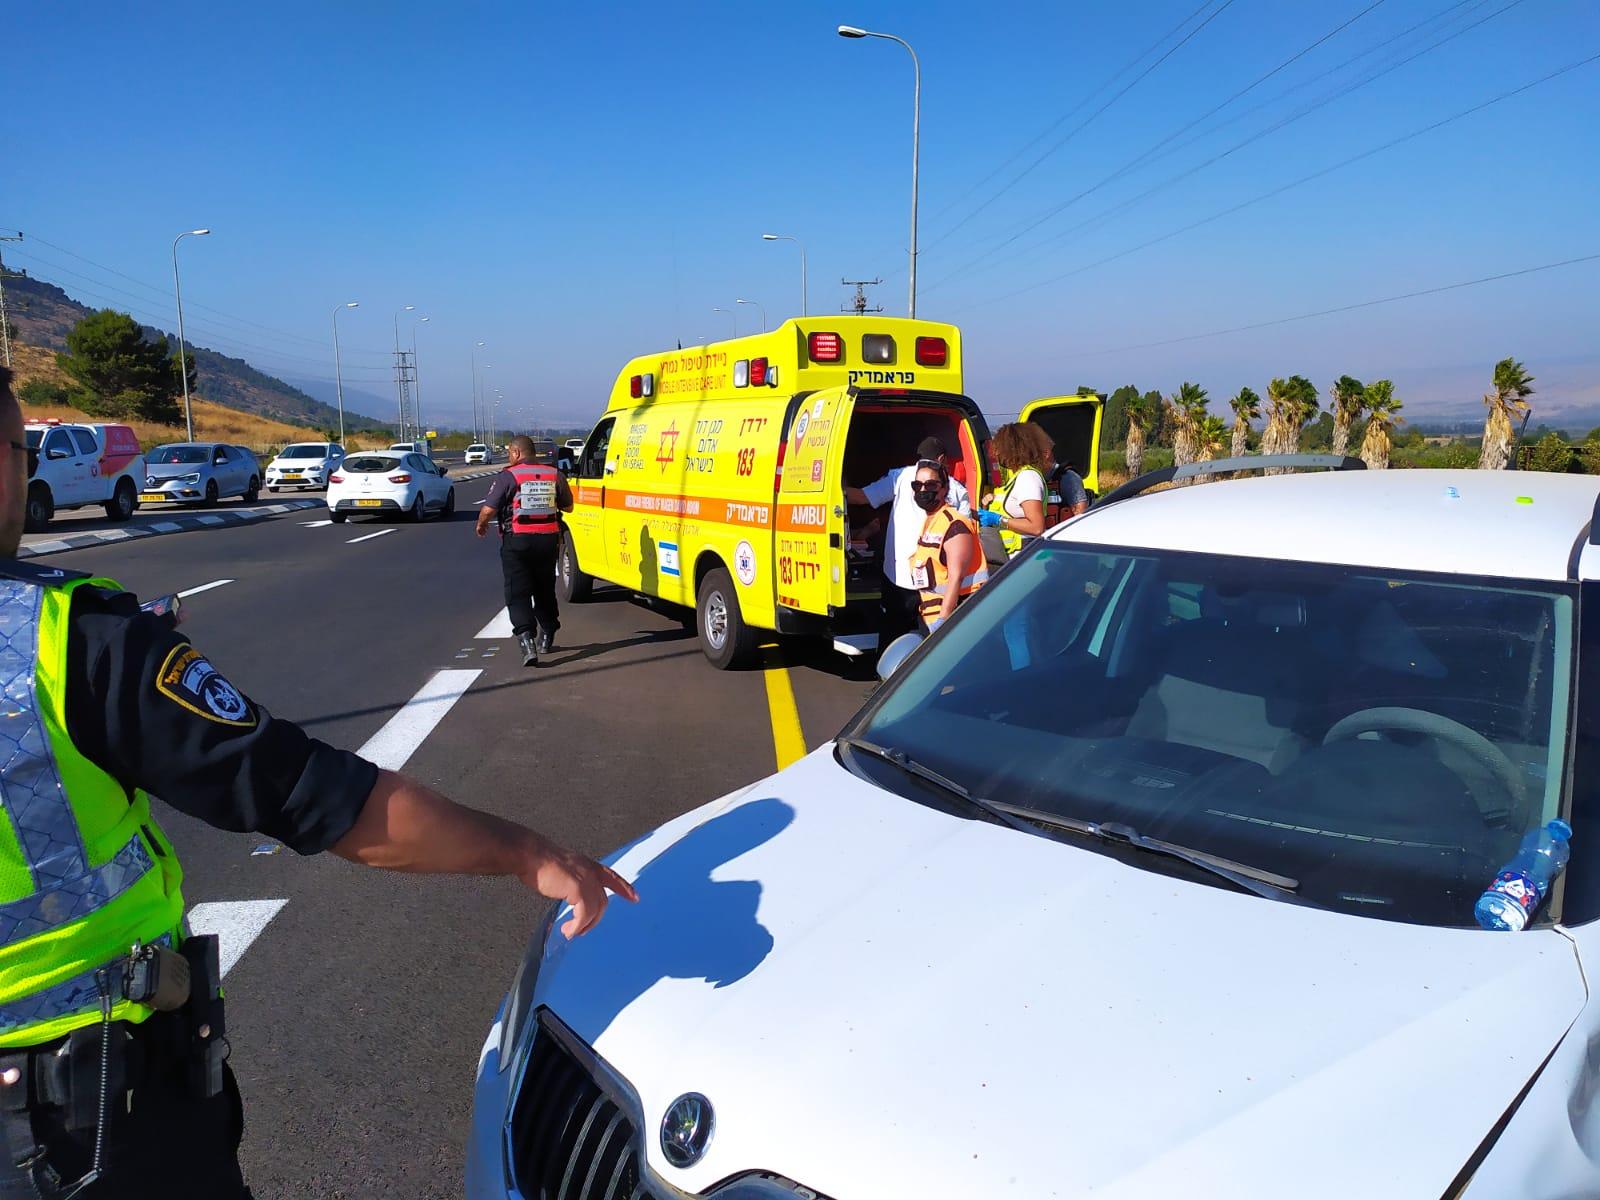 תאונה עצמית נהגת רכב בת 40 בצומת שמורת החולה